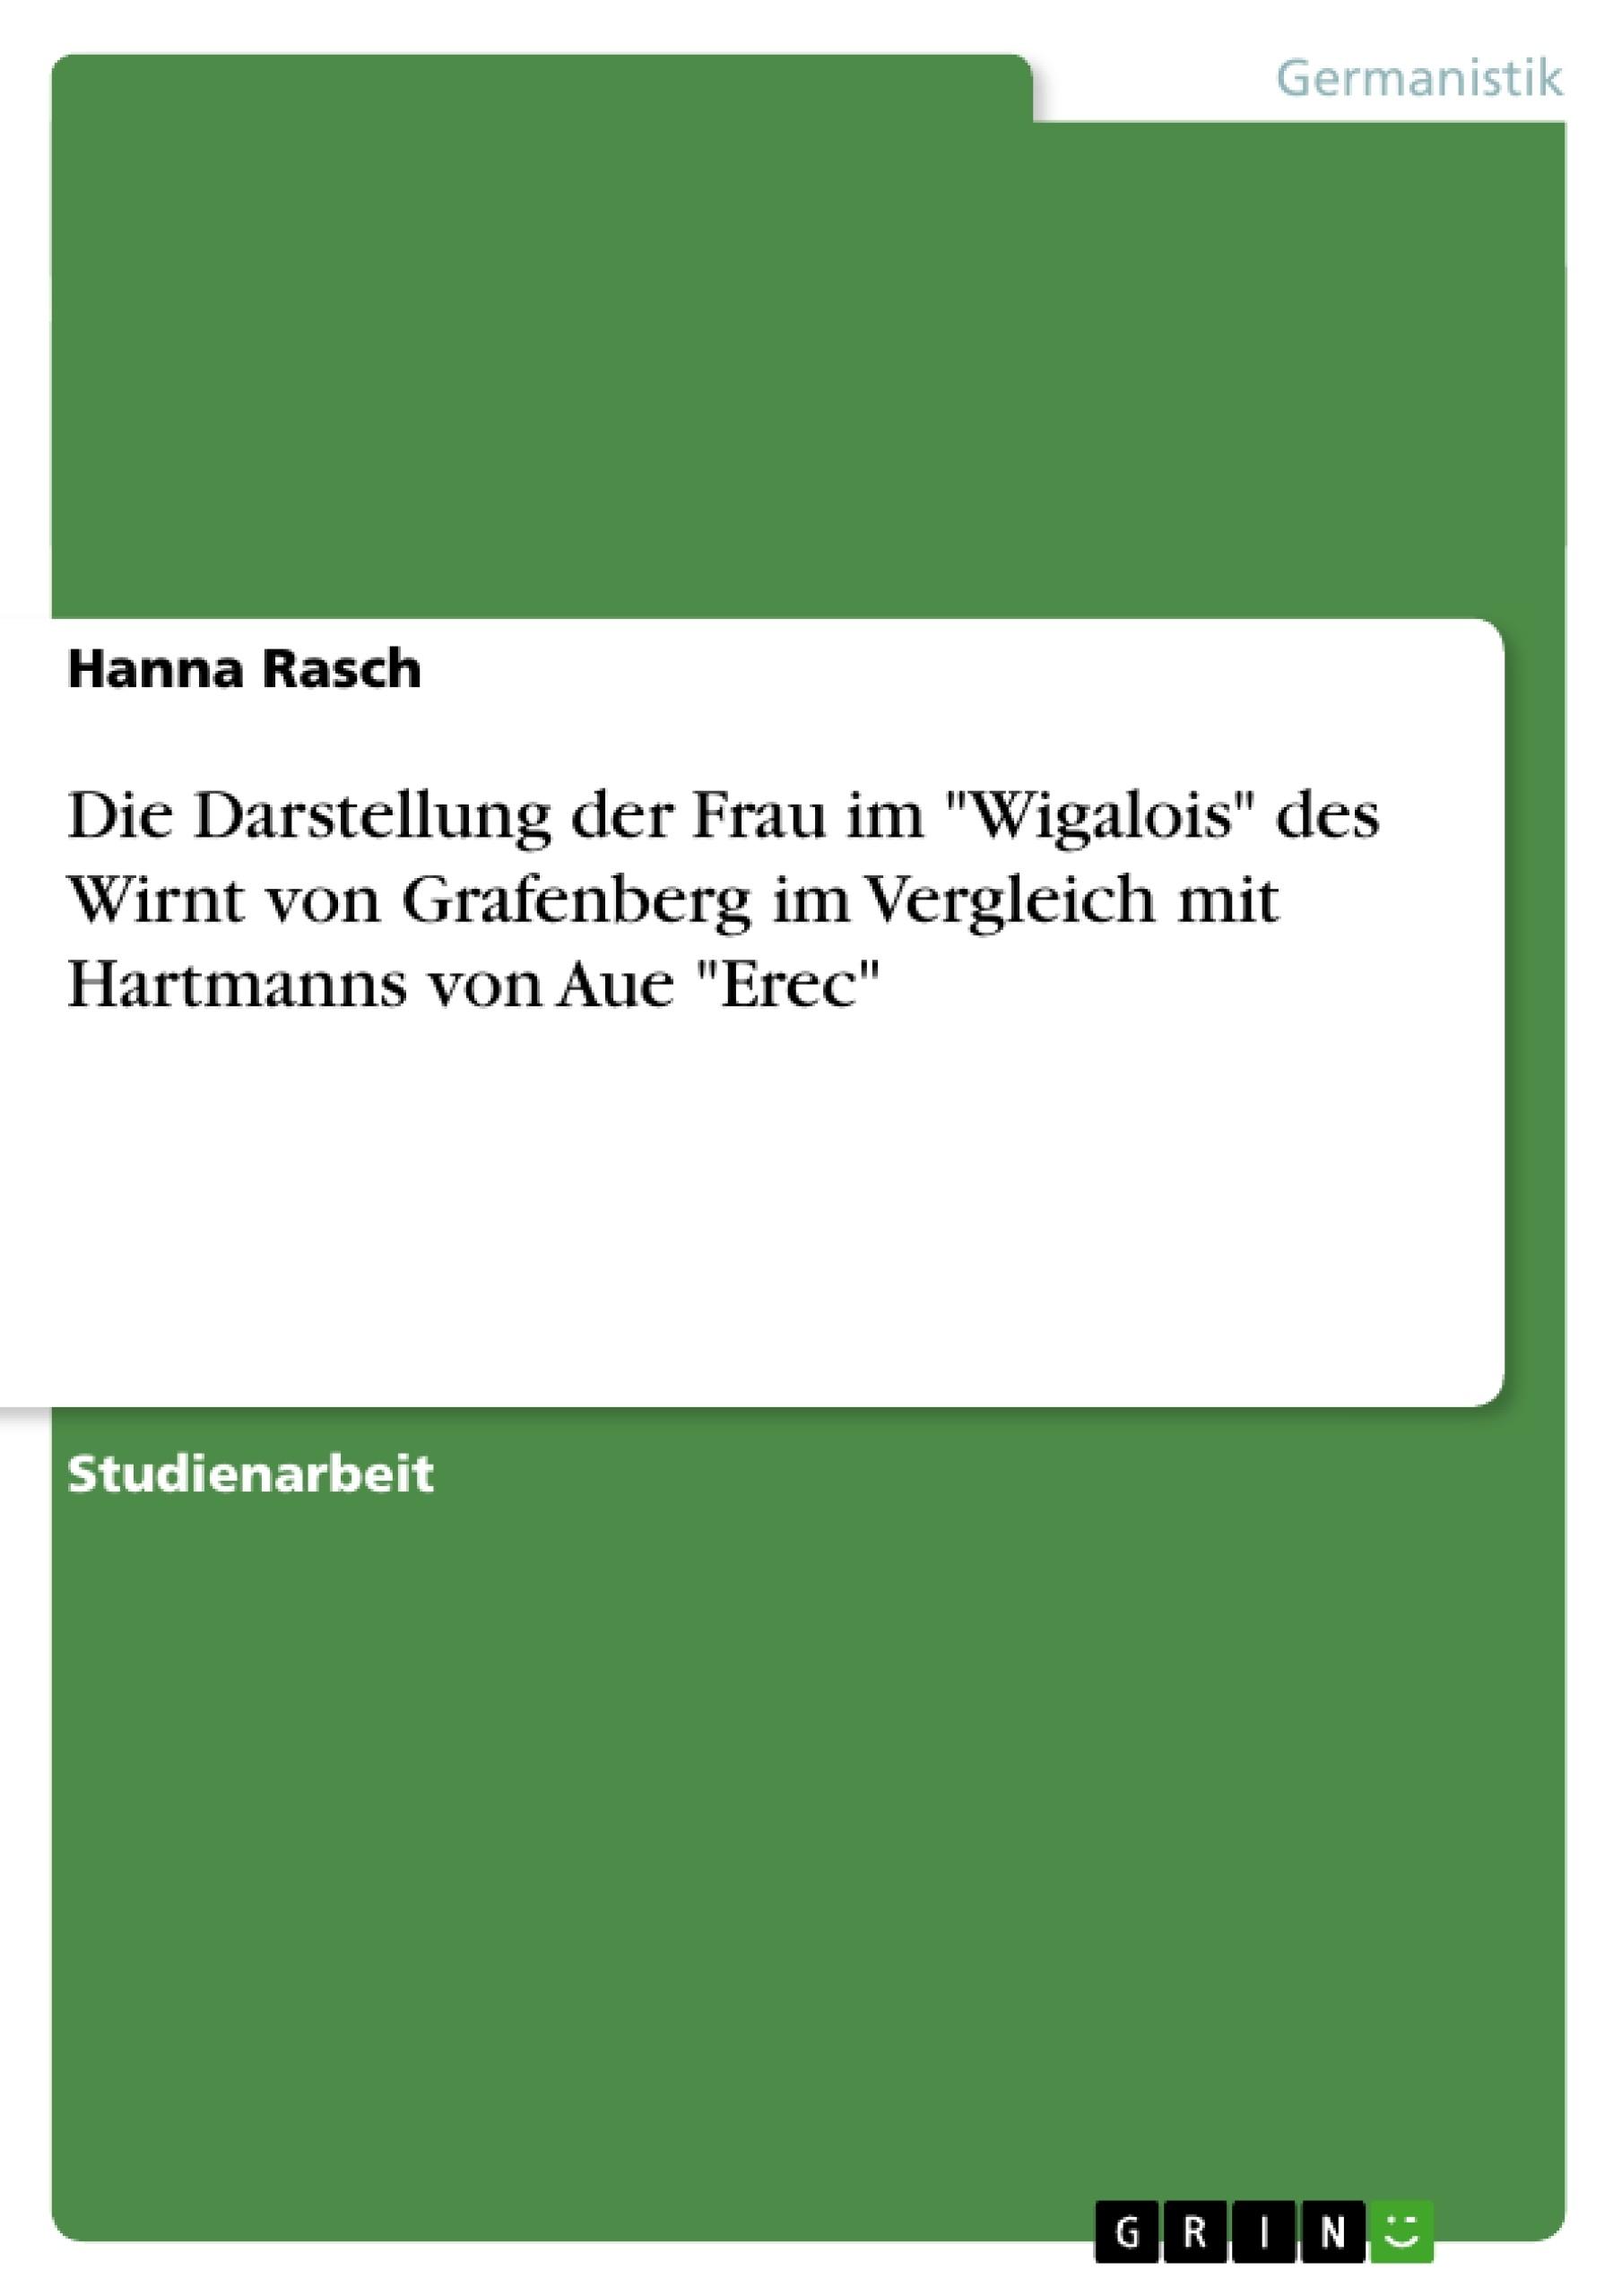 """Titel: Die Darstellung der Frau im """"Wigalois"""" des Wirnt von Grafenberg im Vergleich mit Hartmanns von Aue """"Erec"""""""